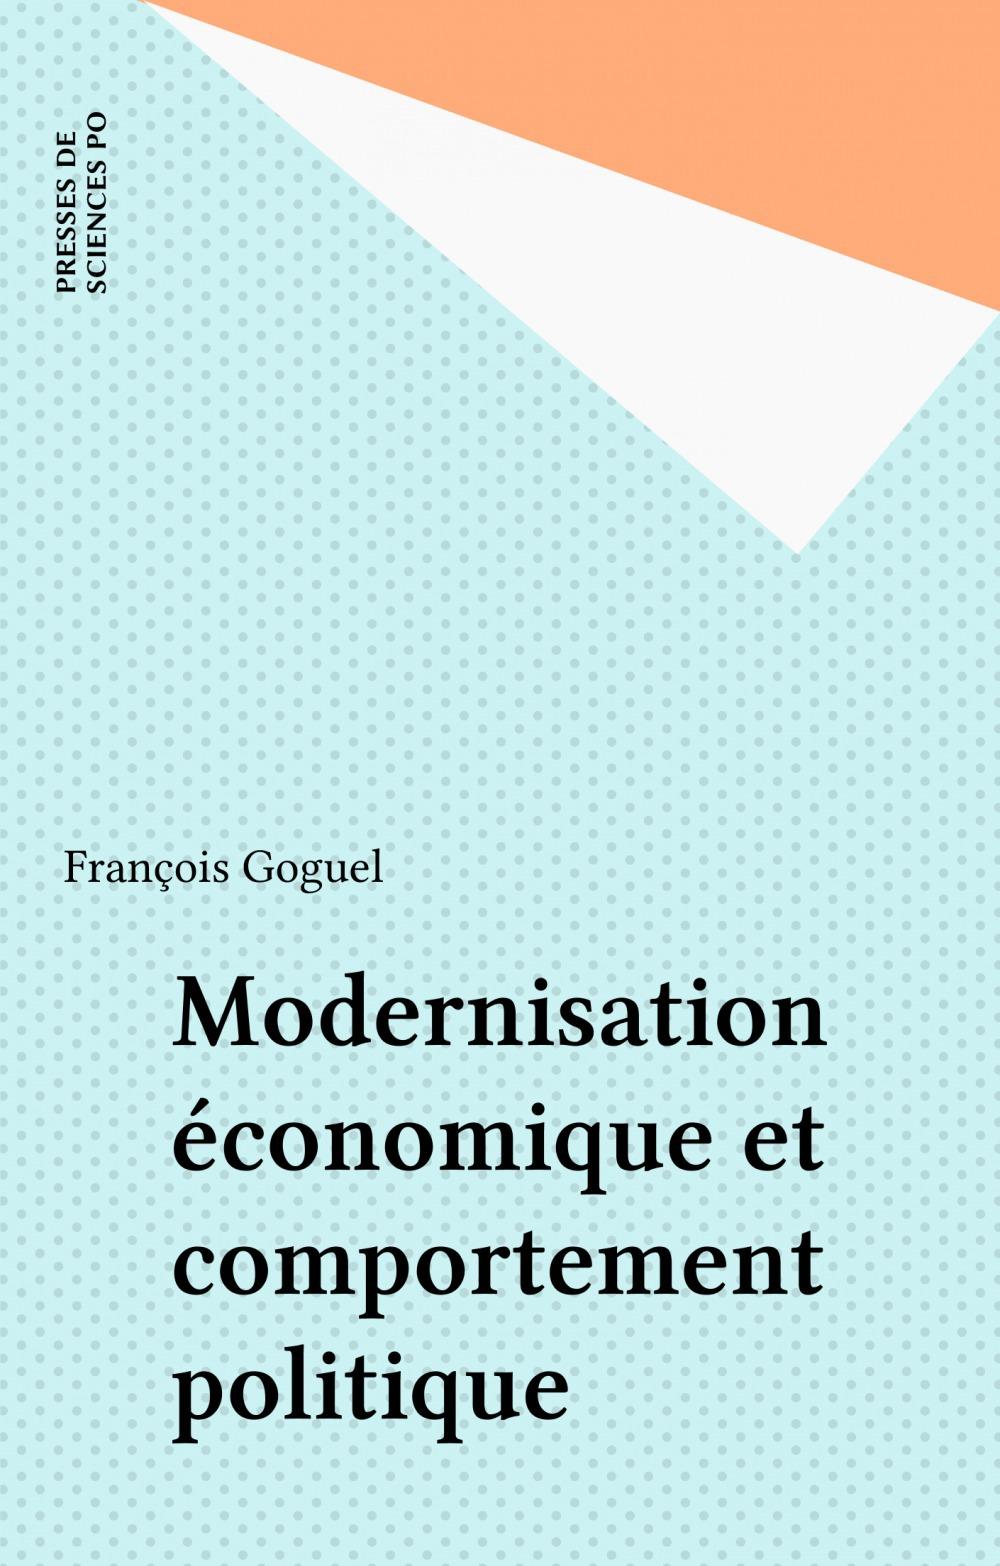 Modernisation économique et comportement politique